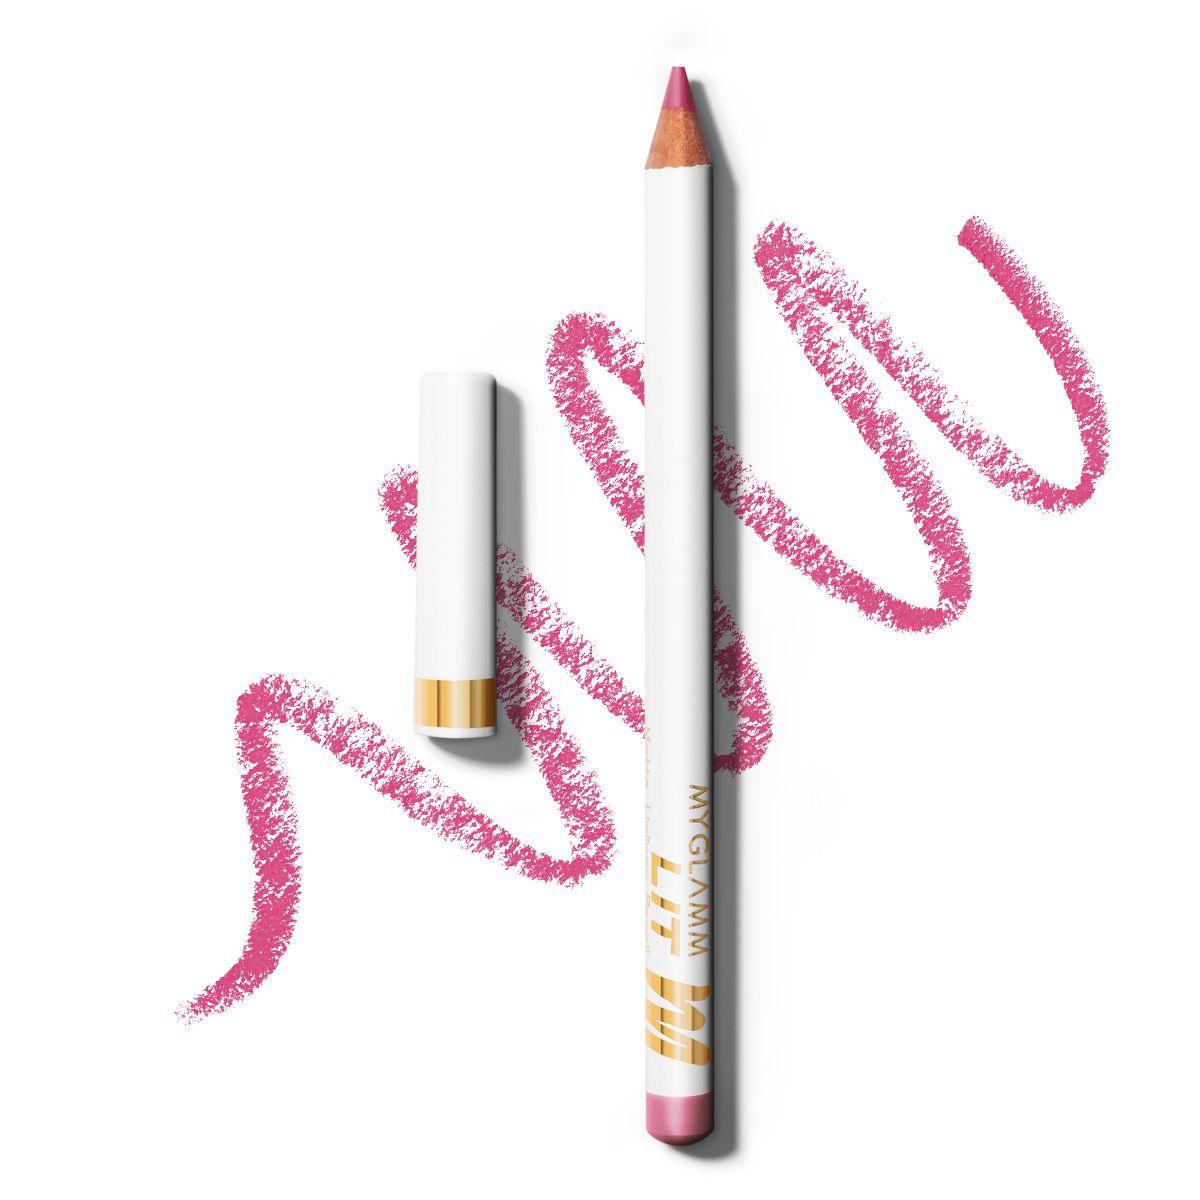 LIT Matte Lipliner Pencil - Sass